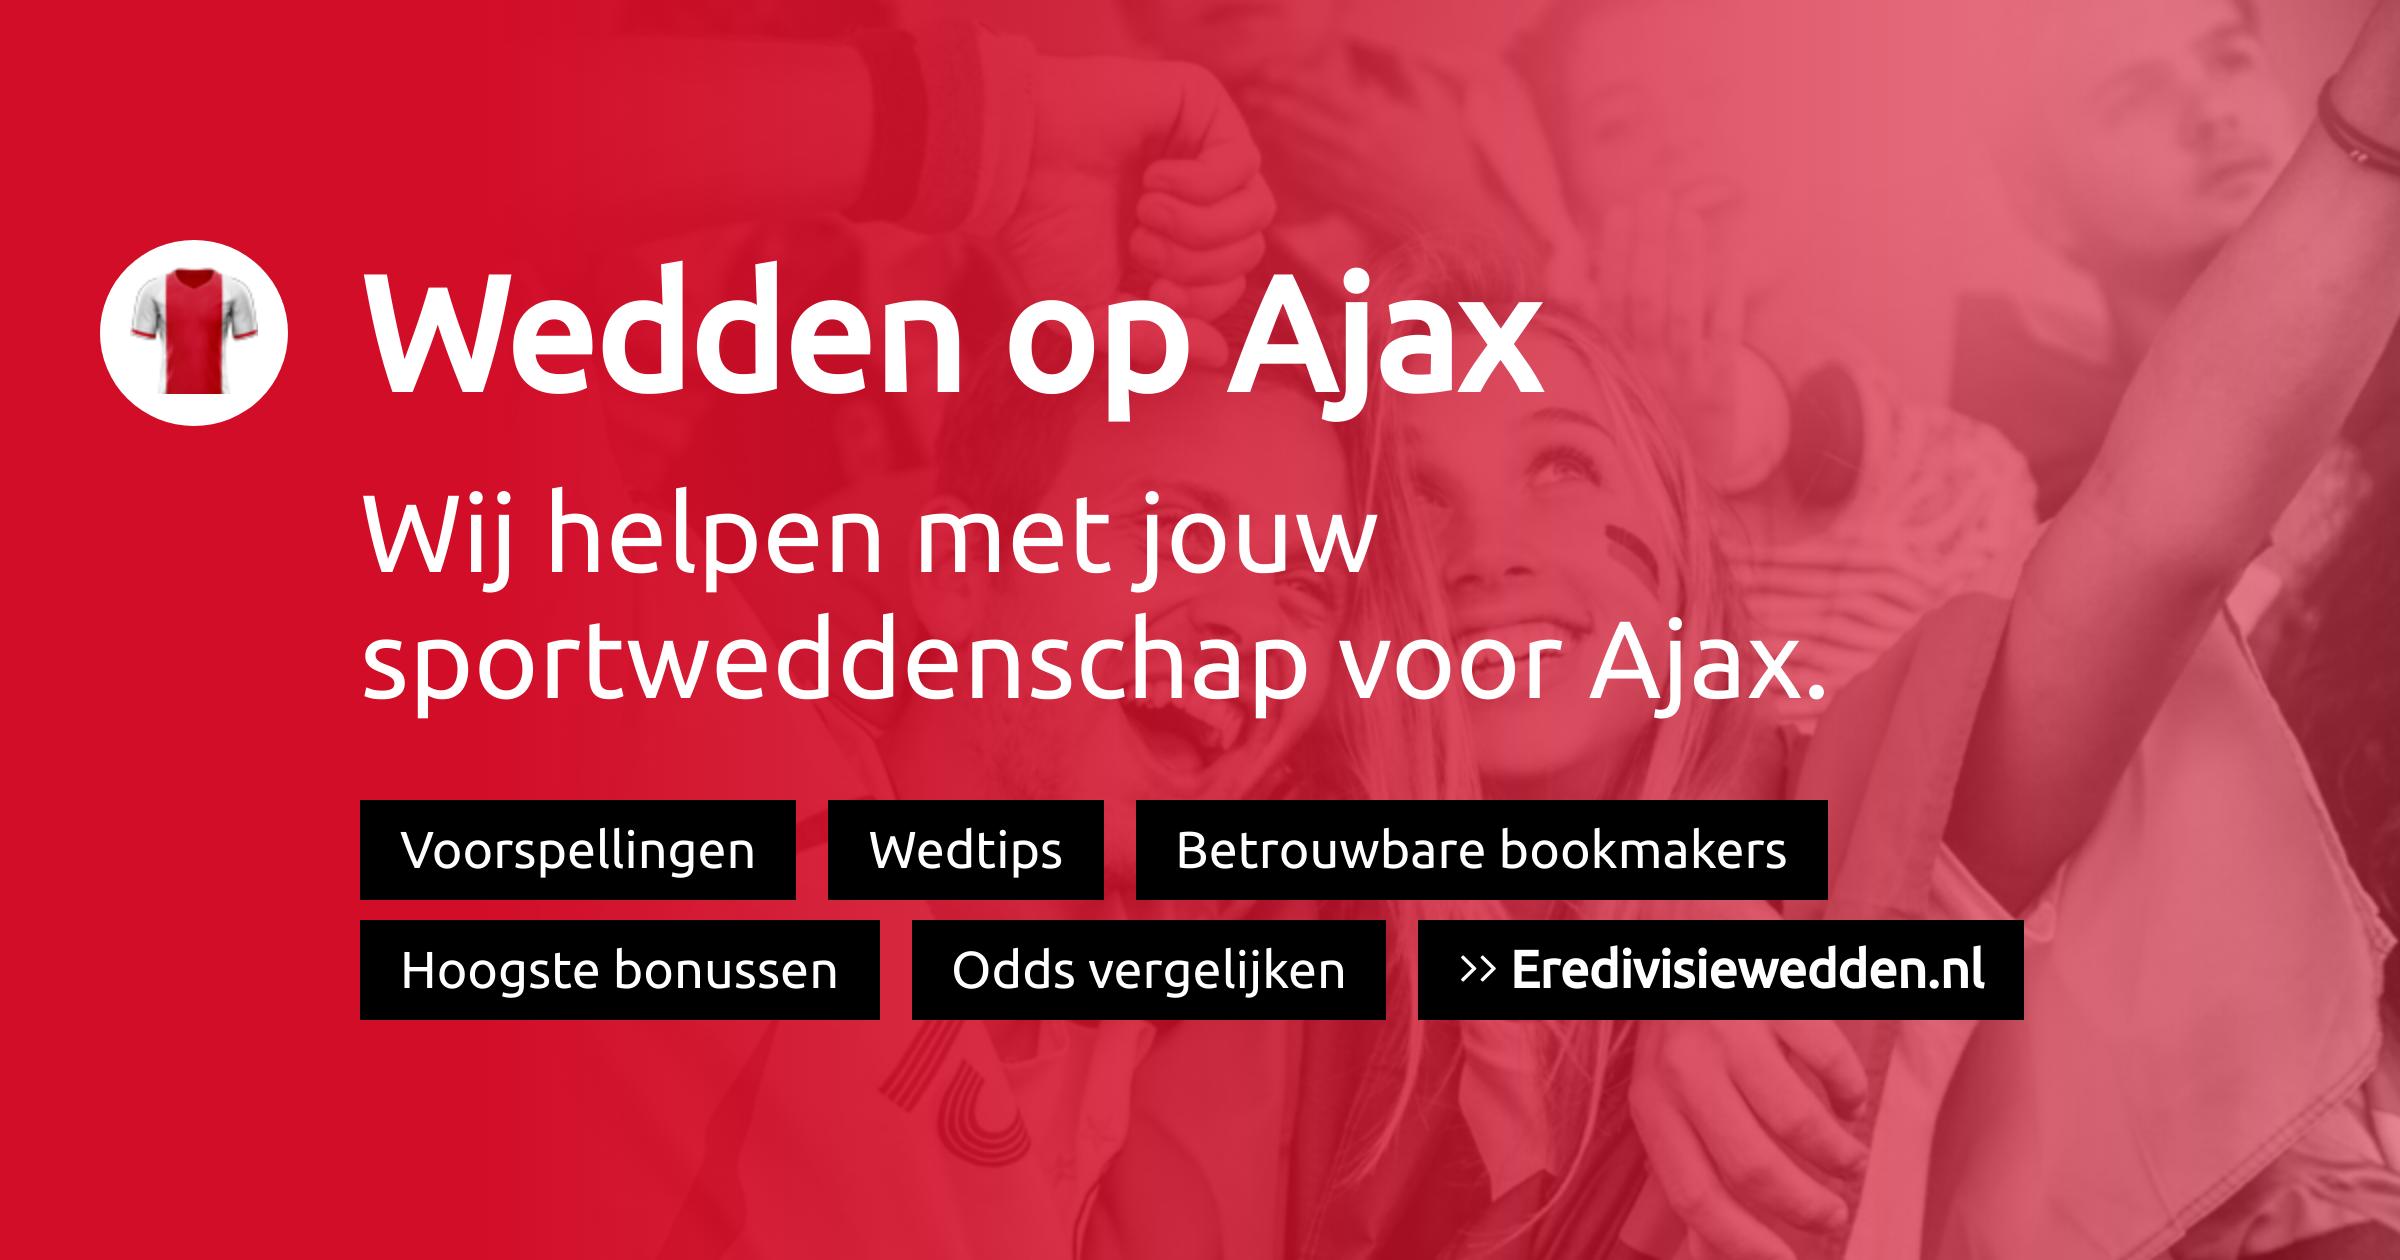 Ajax voorspellingen, promoties en bookmakers